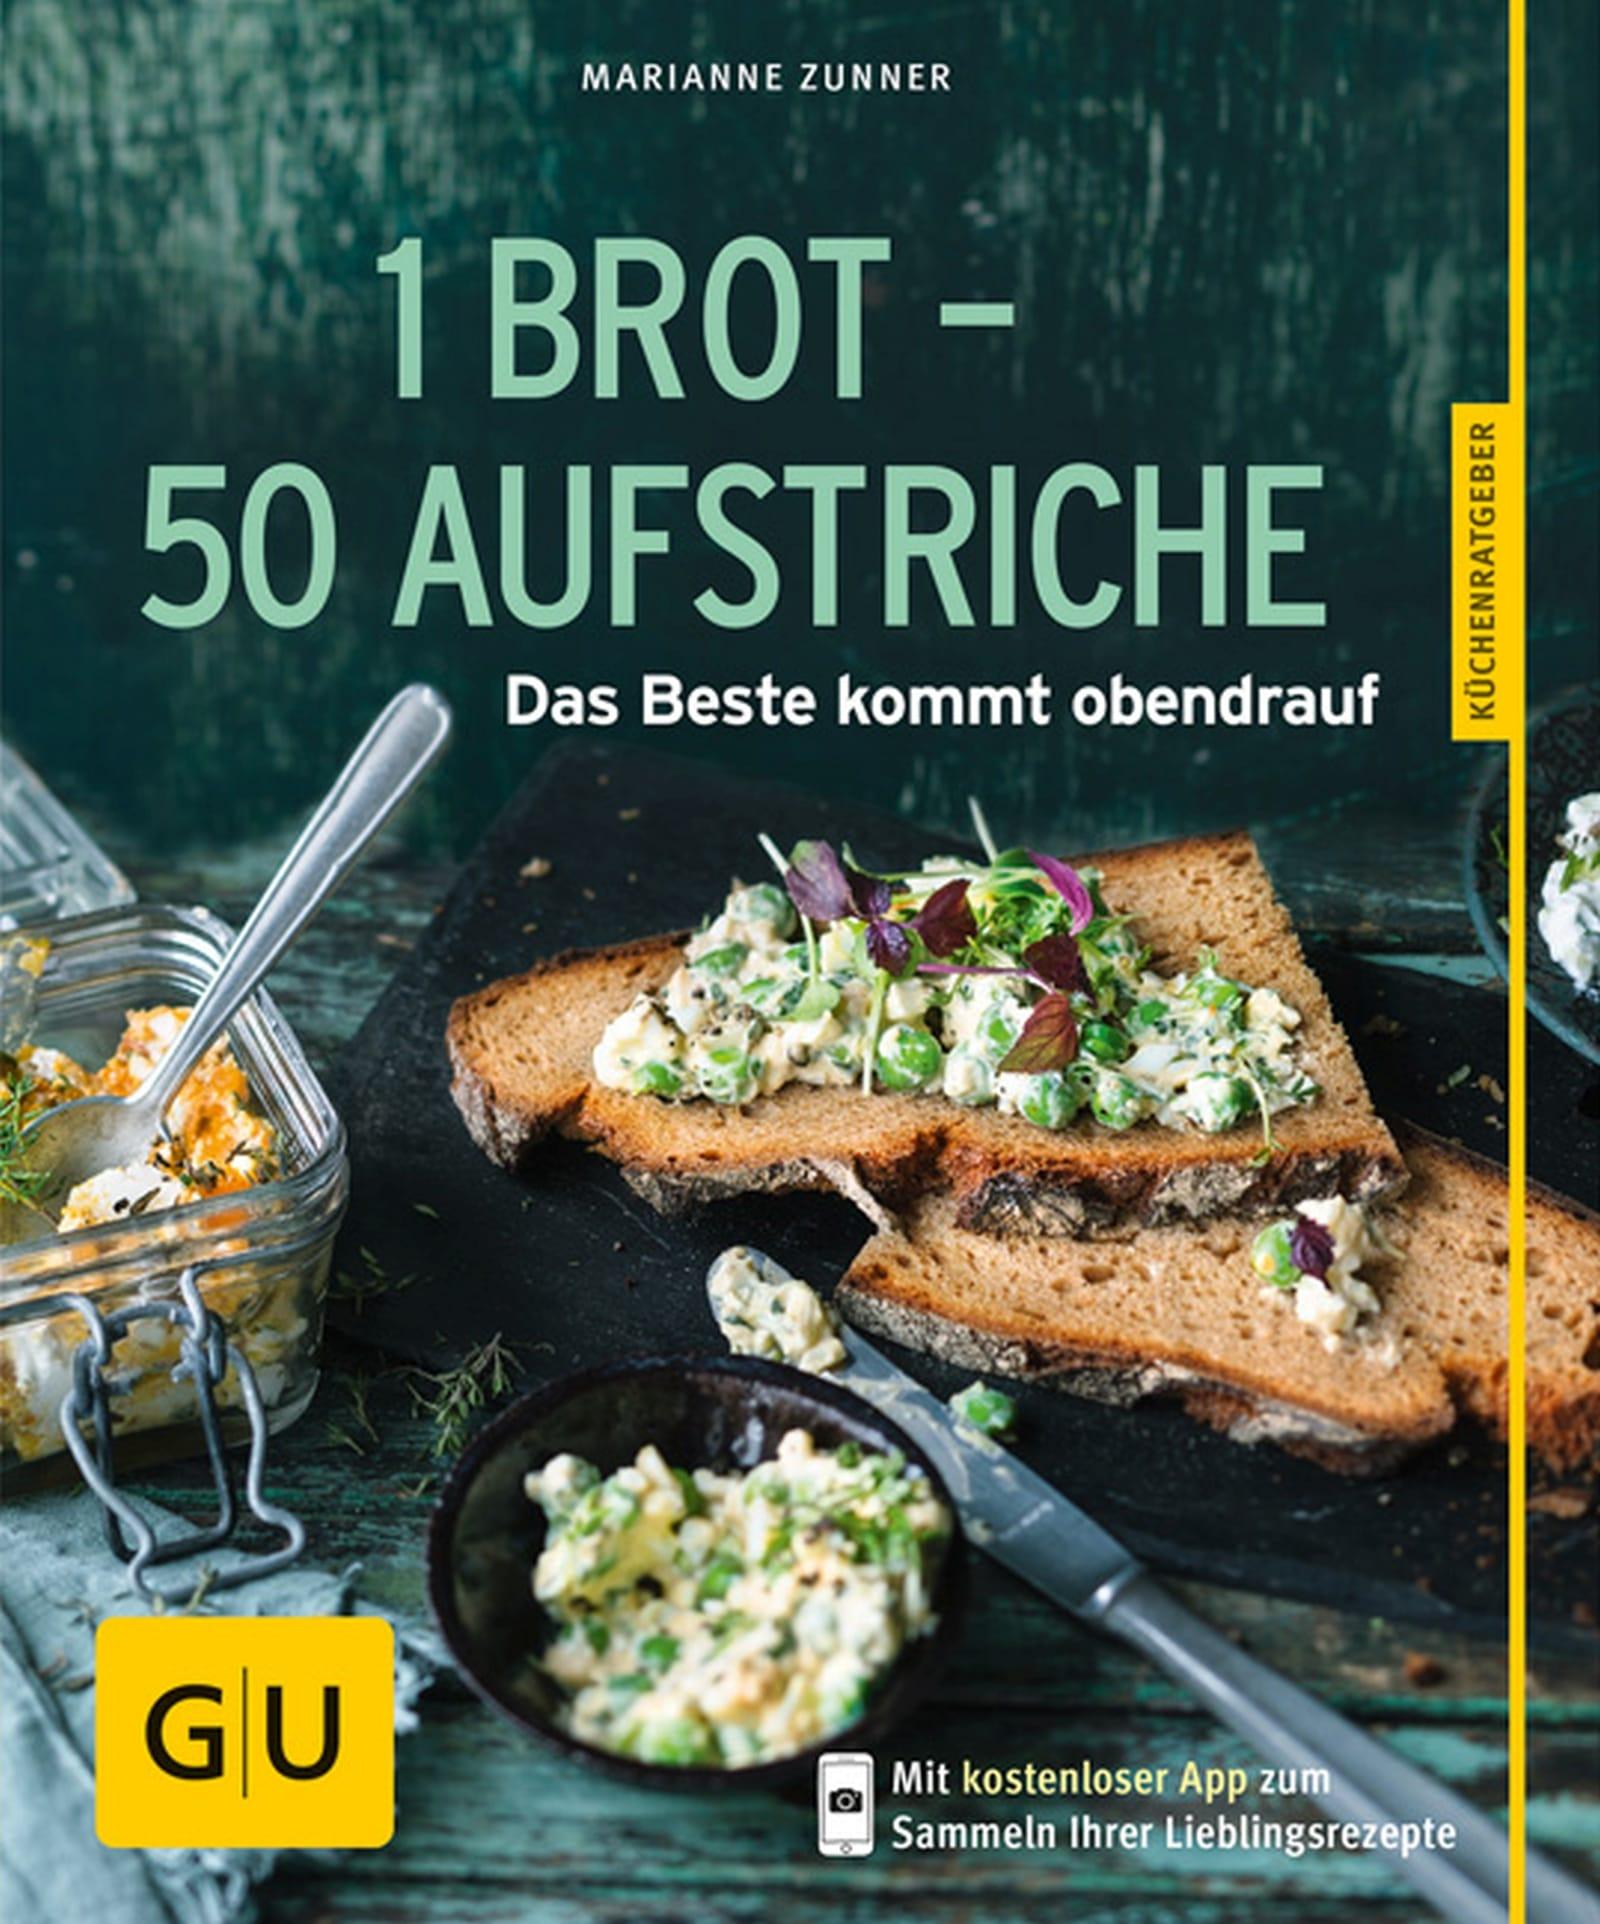 1 Brot 50 Aufstriche Marianne Zunner Gu Online Shop